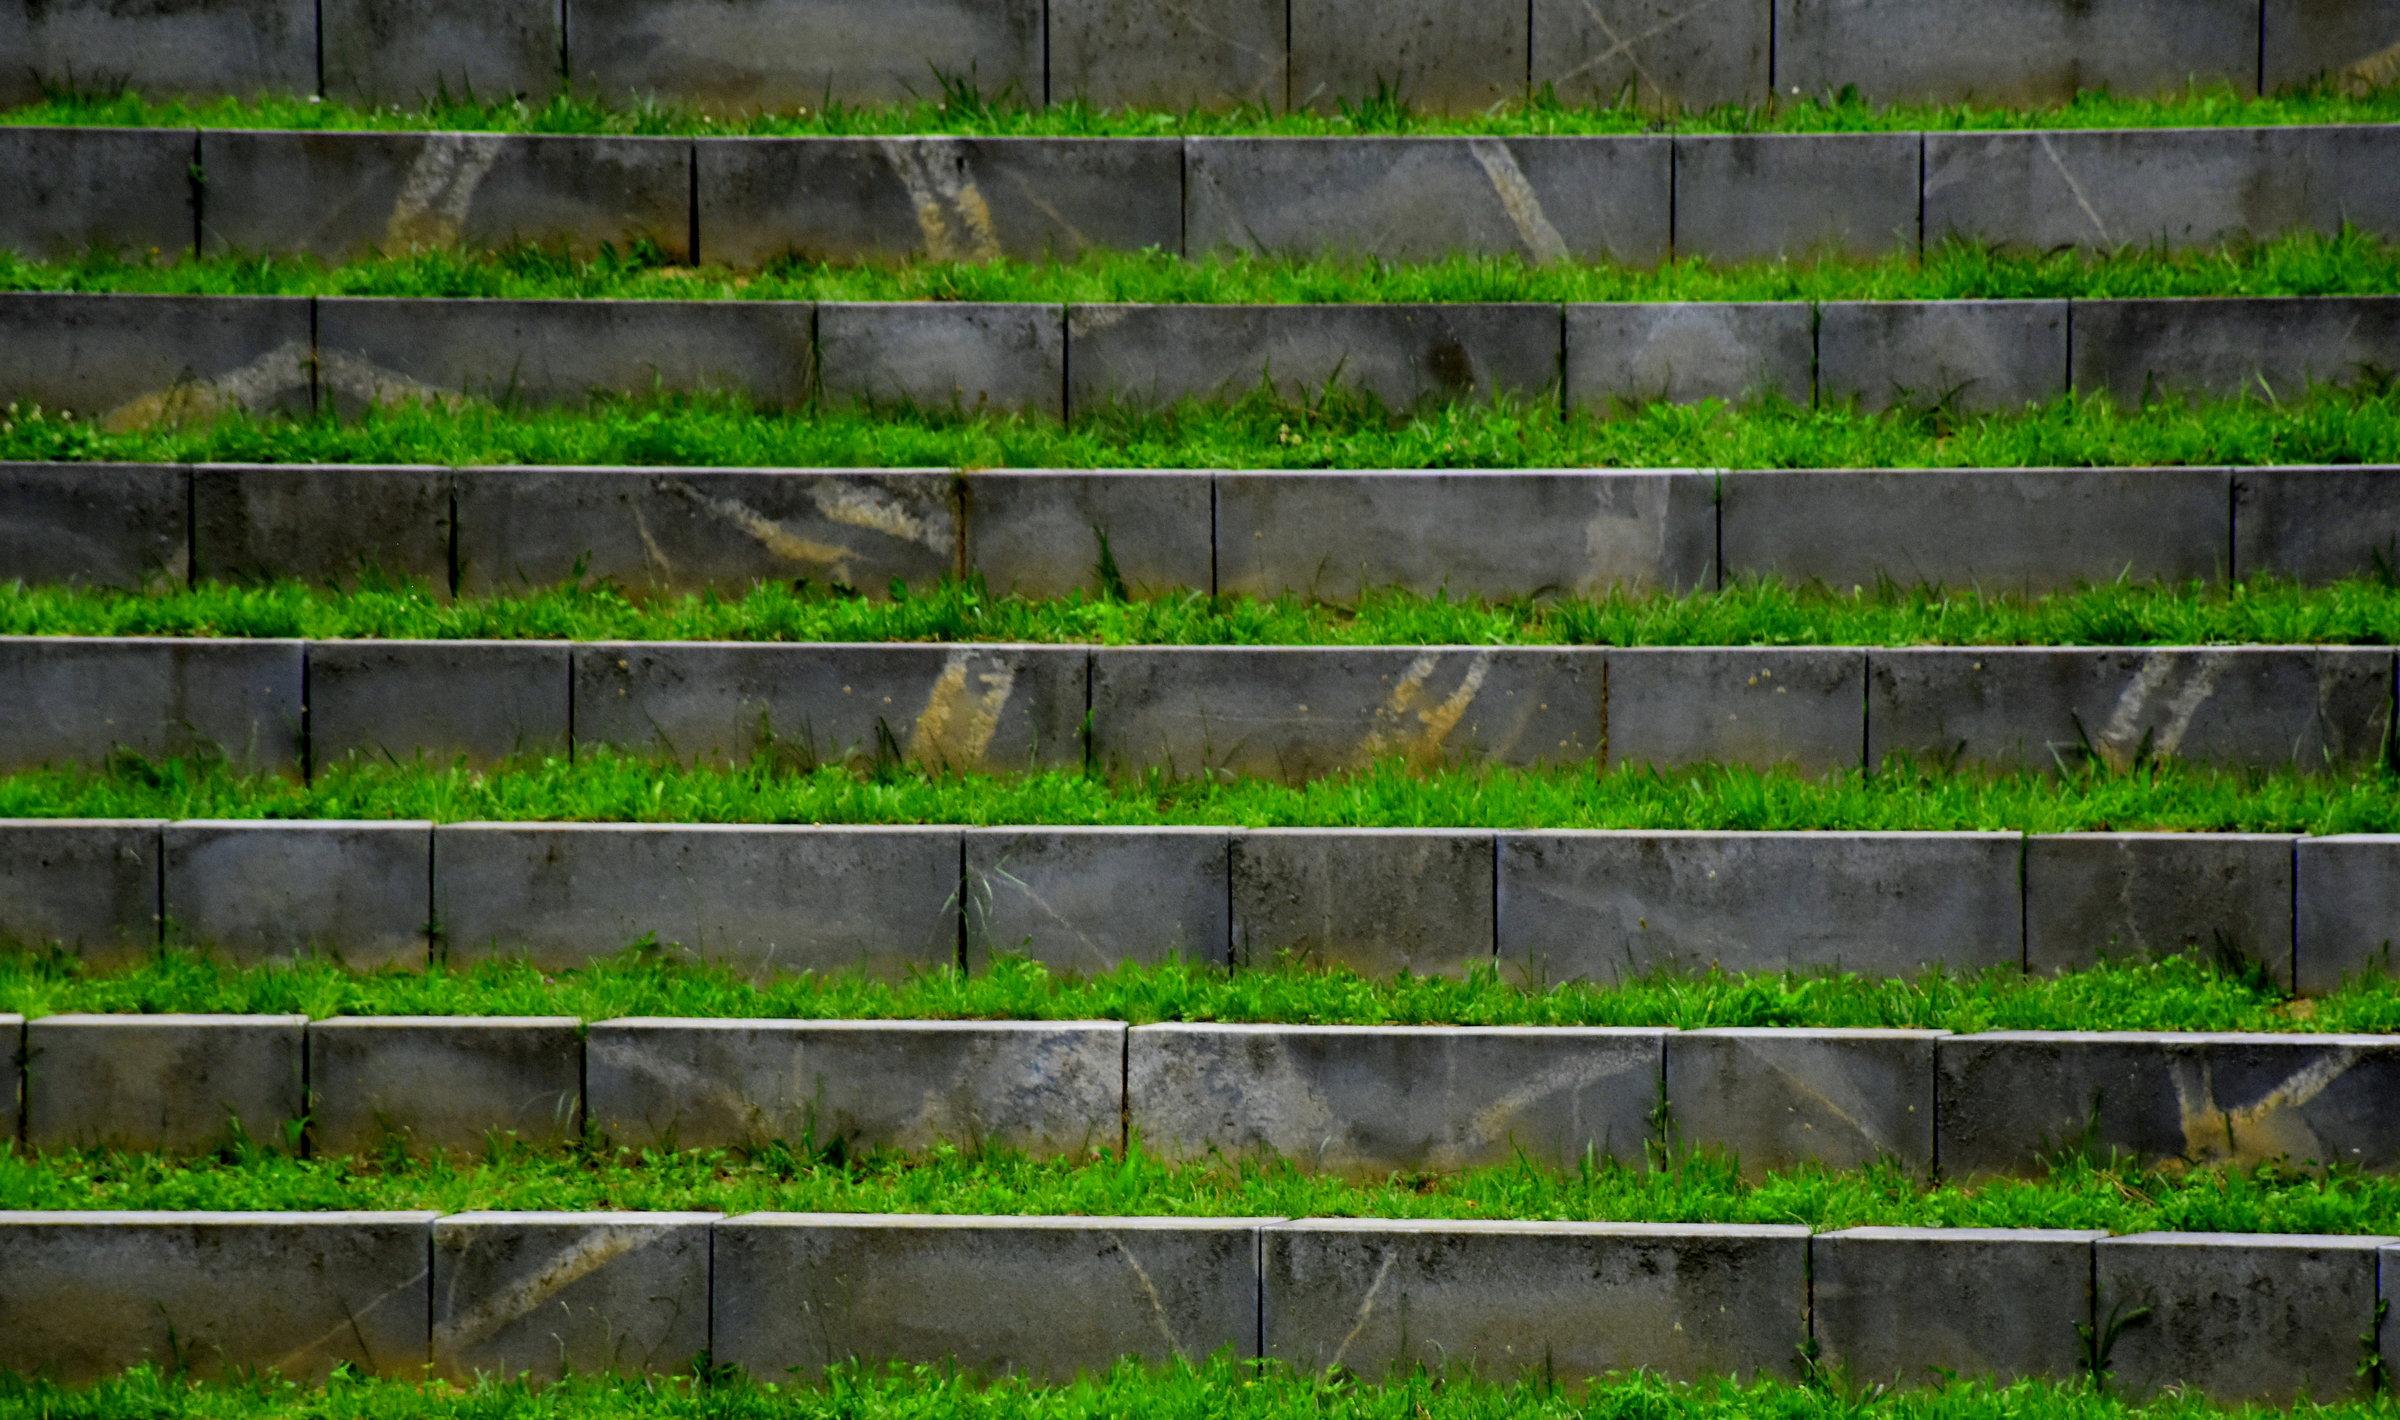 Cvetka Avguštin: Stopnice v nebo